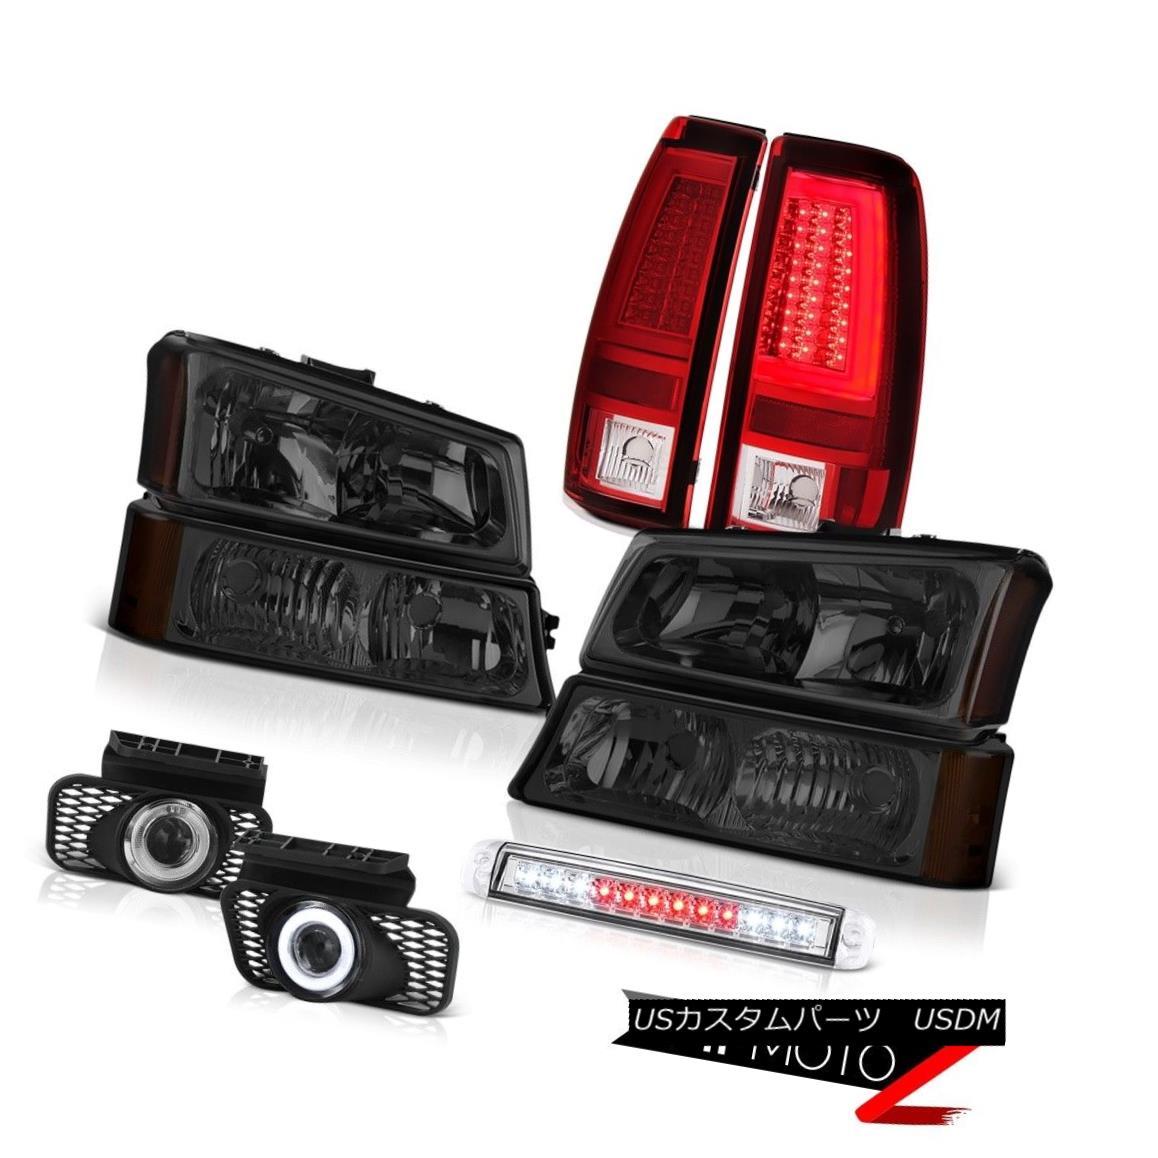 テールライト 03 04 05 06 Silverado Red Tail Brake Lights Roof Lamp Headlamps Fog Lamps LED 03 04 05 06シルバラードレッドテールブレーキライトルーフランプヘッドランプフォグランプLED